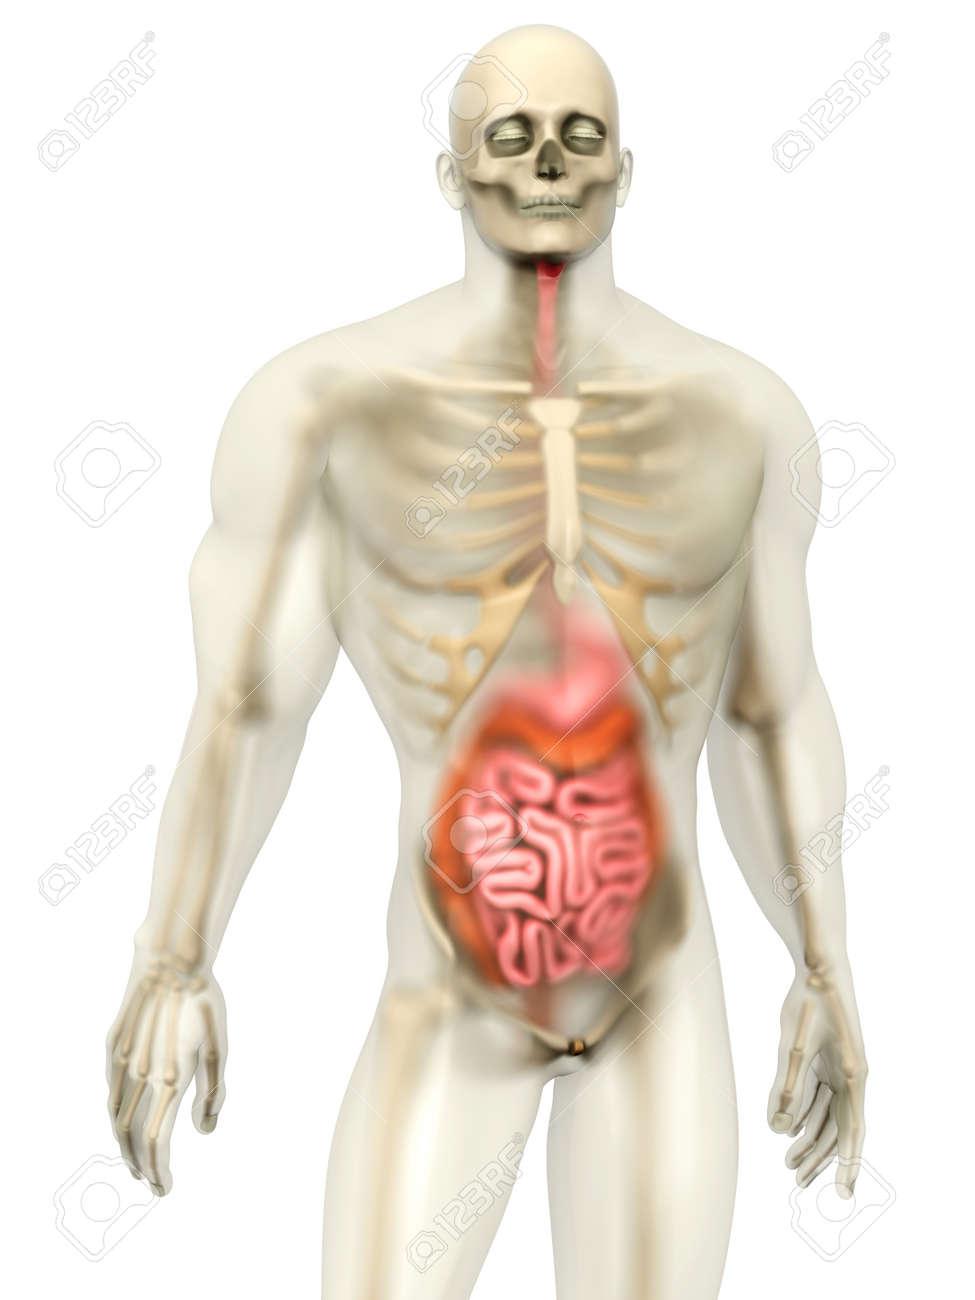 Visualización En 3D De La Anatomía Humana. El Sistema Digestivo En ...